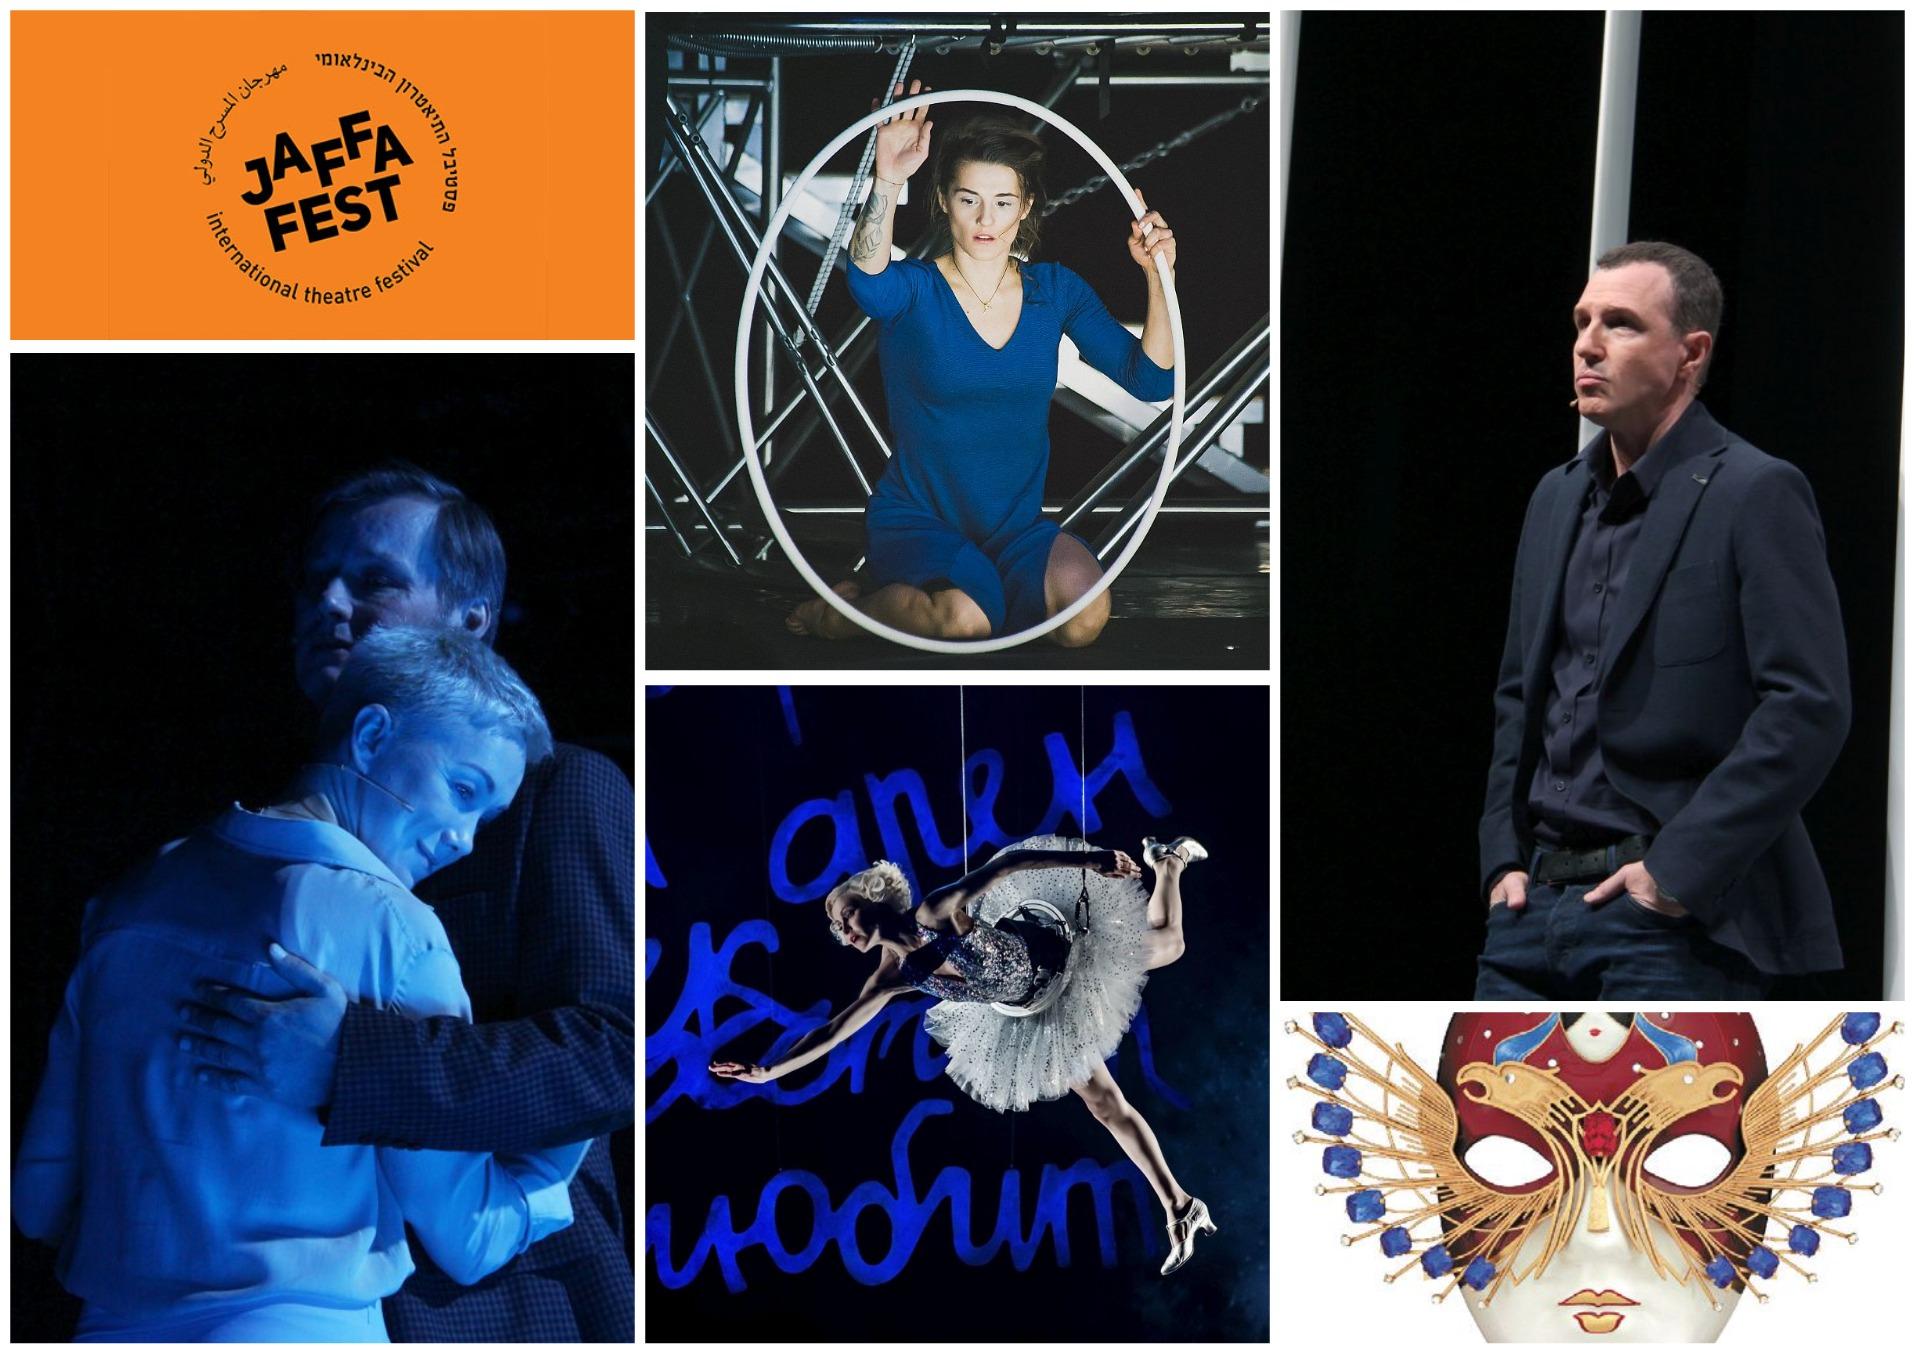 Программа международного театрального фестиваля Jaffa Fest 2019: удивительные премьеры и неожиданные сюрпризы